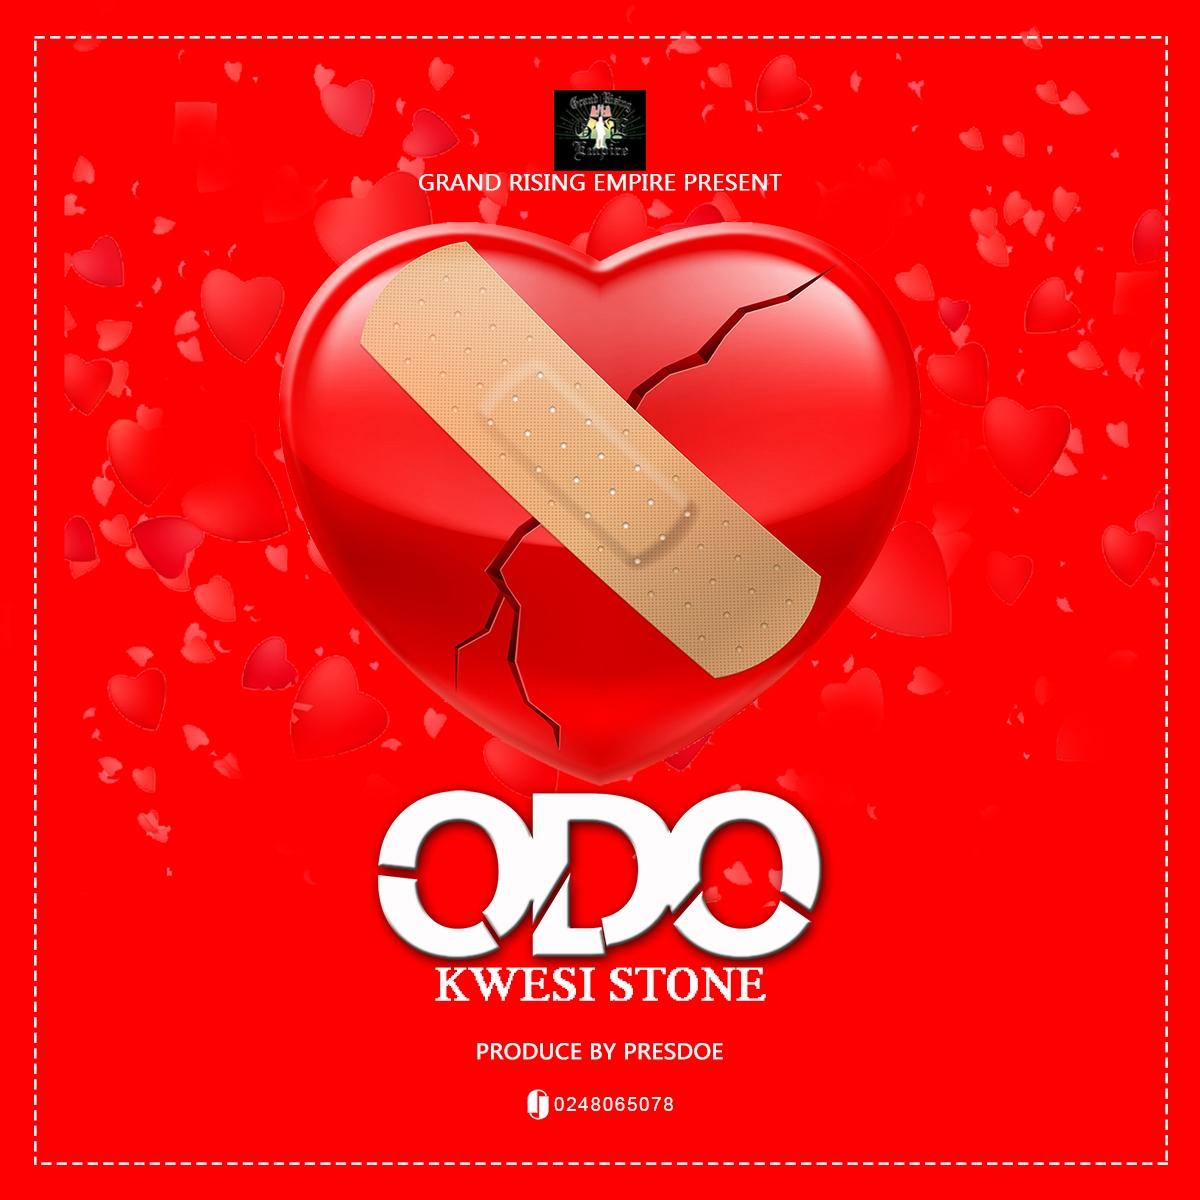 Kwesi Stone - Odo (Prod. By Prezdoe Beat)